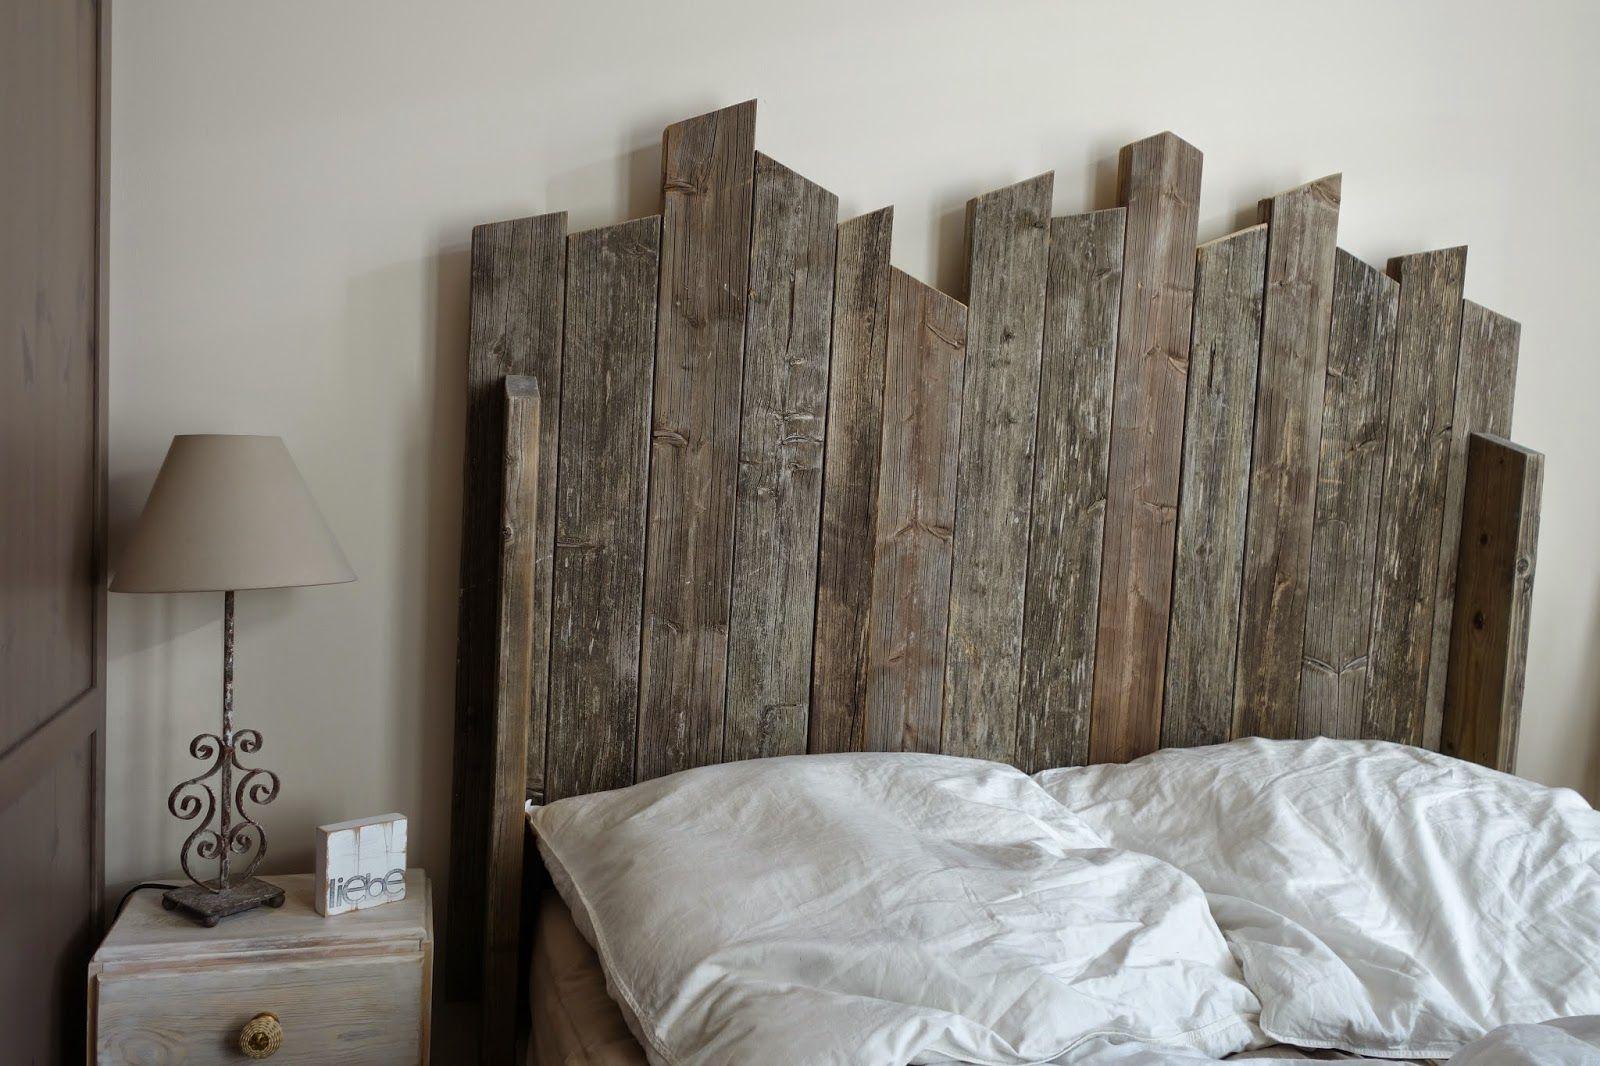 renovieren ideen schlafzimmer schlafzimmer modern bilder tapeten f r kleine komplett biber. Black Bedroom Furniture Sets. Home Design Ideas